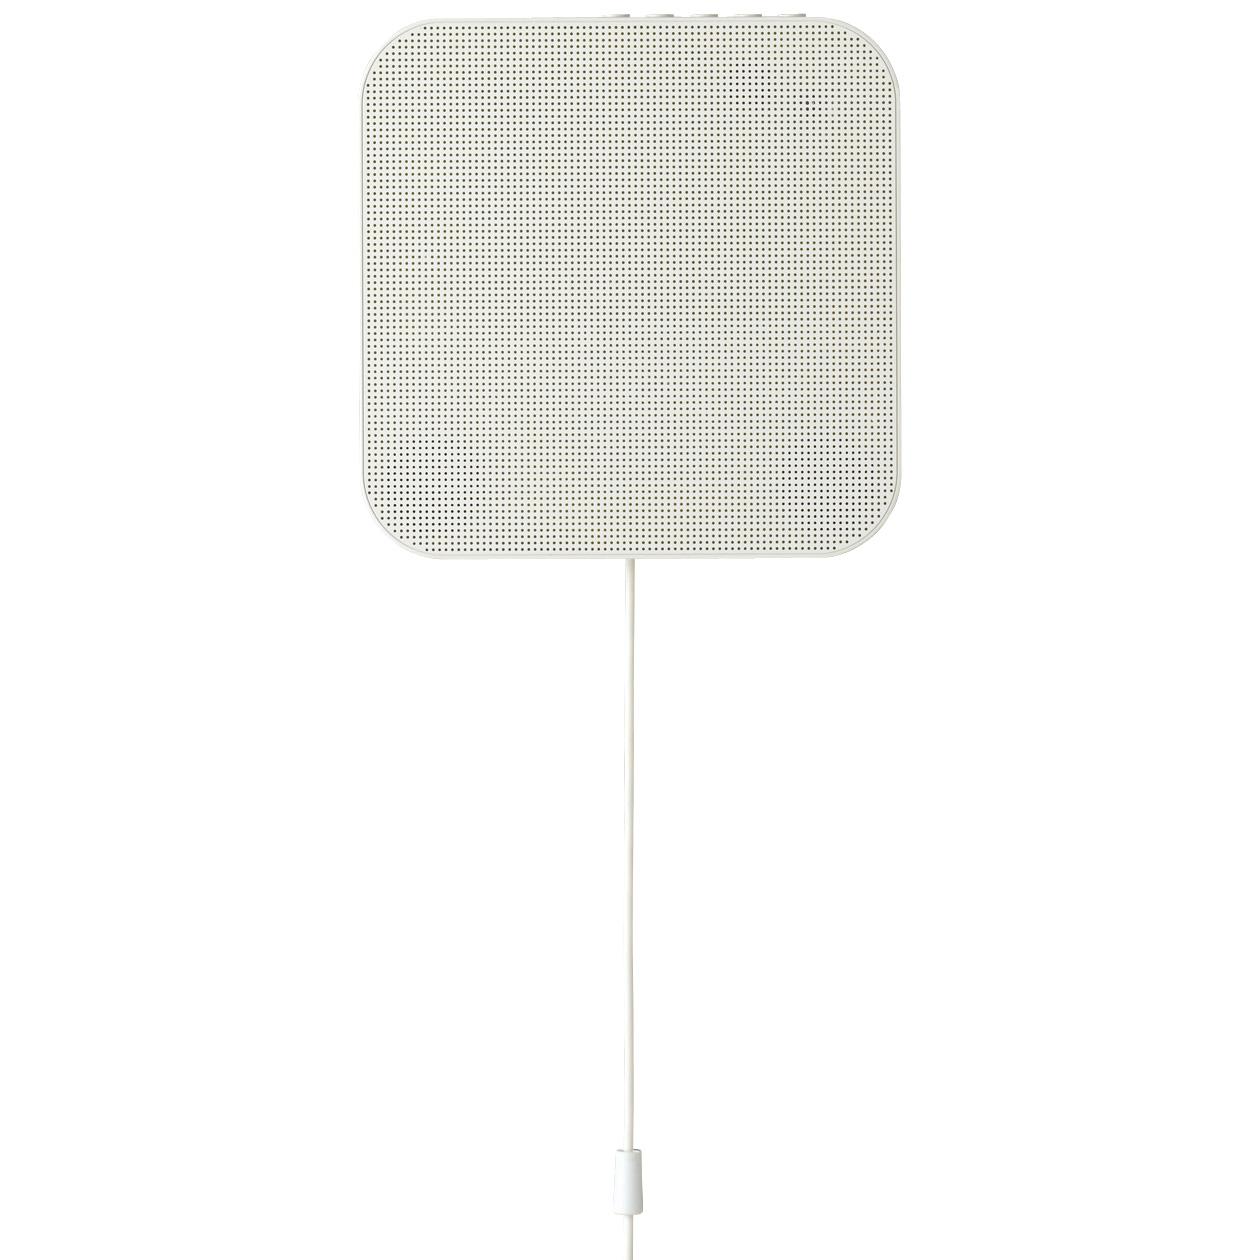 無印良品 スピーカー Bluetooth ラジオ スタンド MJBTS-1 1円スタート